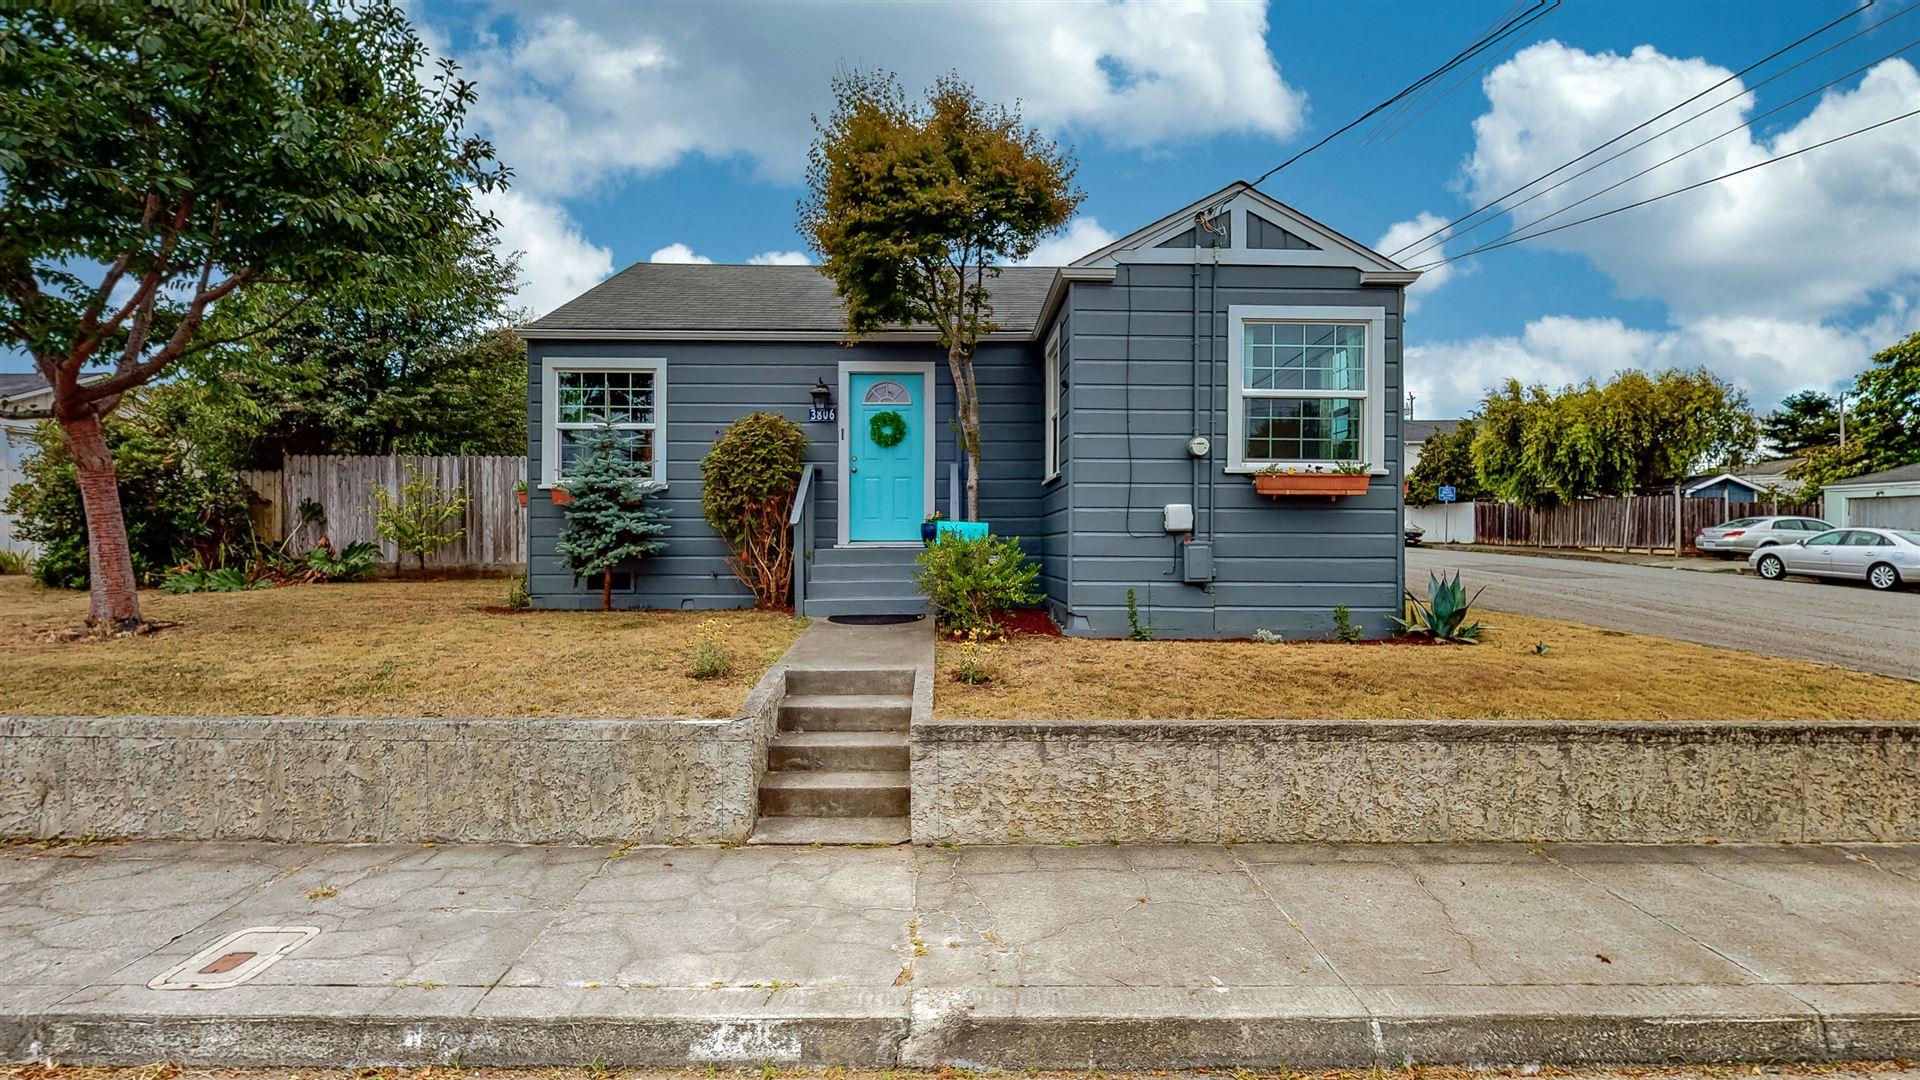 3806 G Street, Eureka, CA 95503 - MLS#: 257474